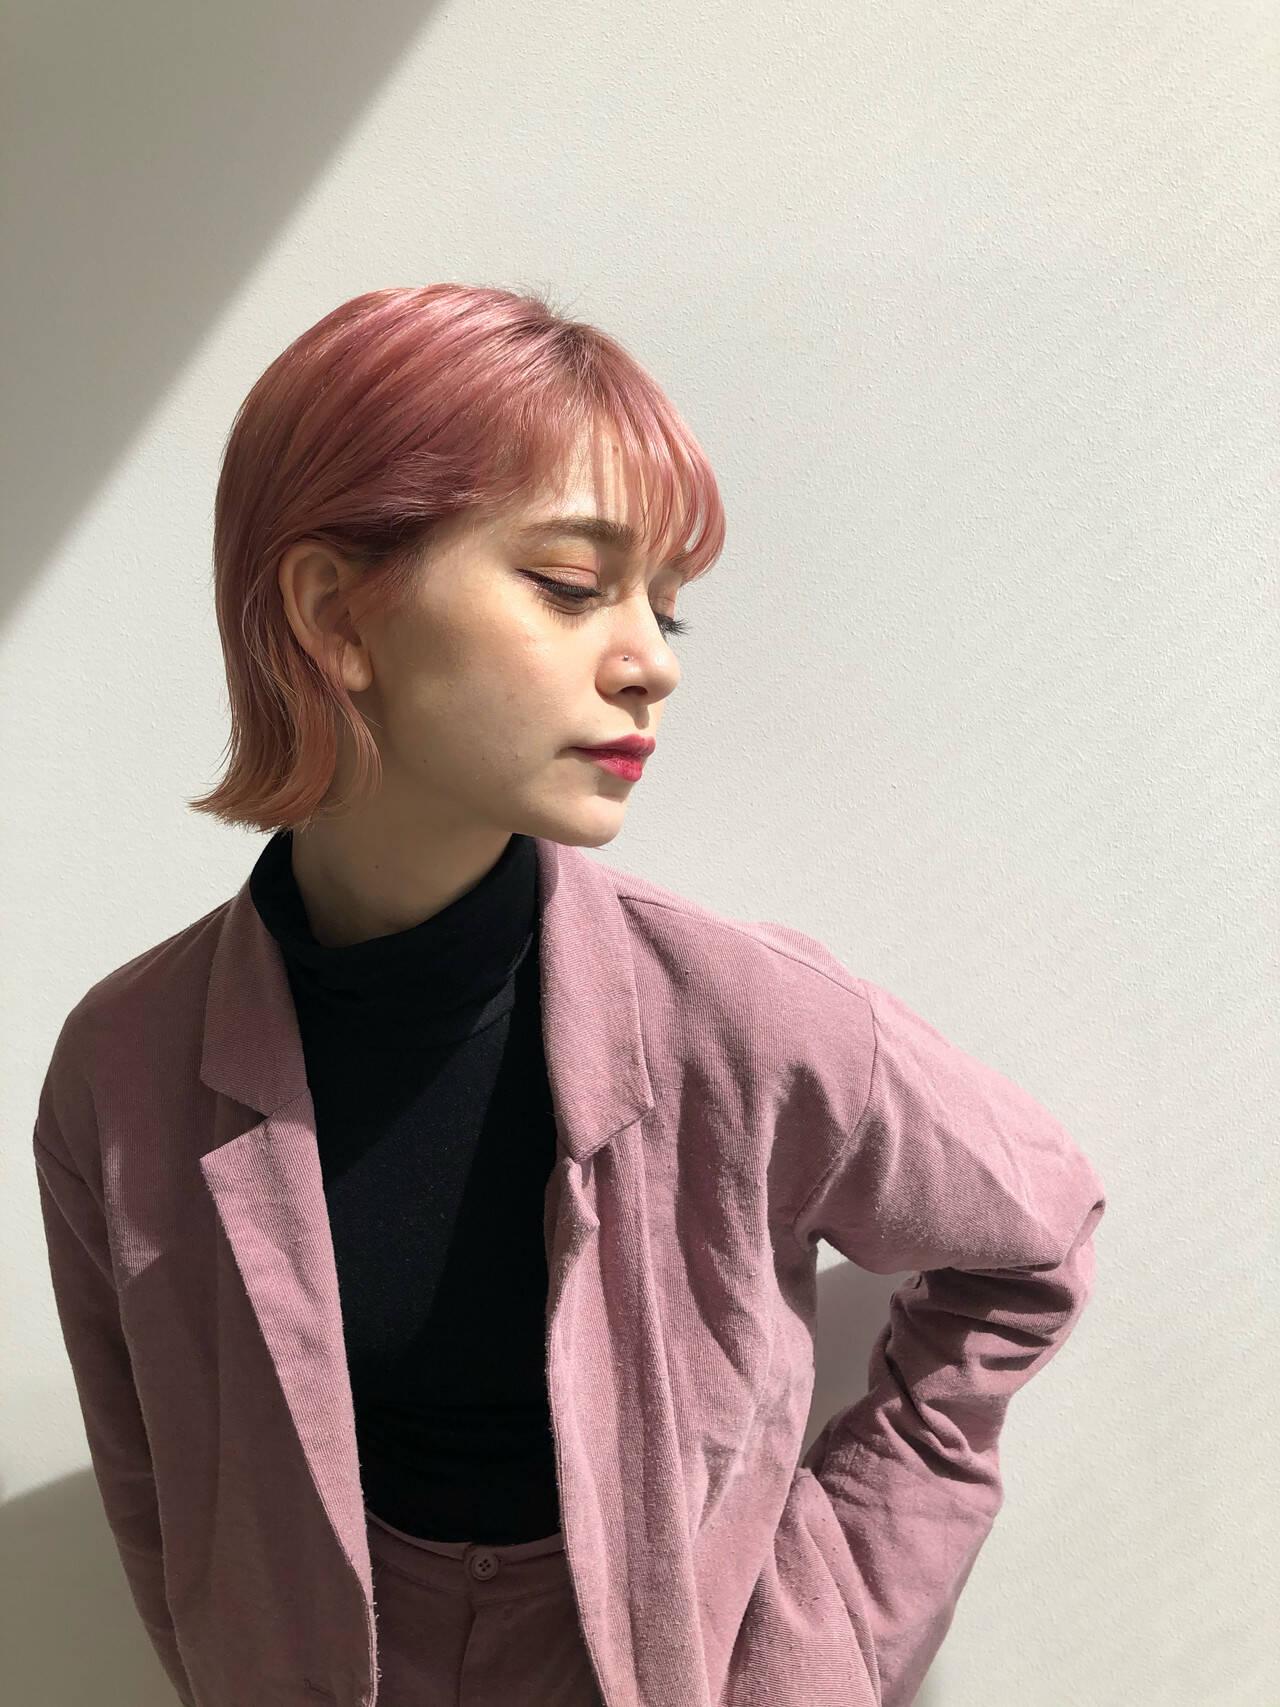 ベリーピンク ピンクパープル チェリーピンク ボブヘアスタイルや髪型の写真・画像